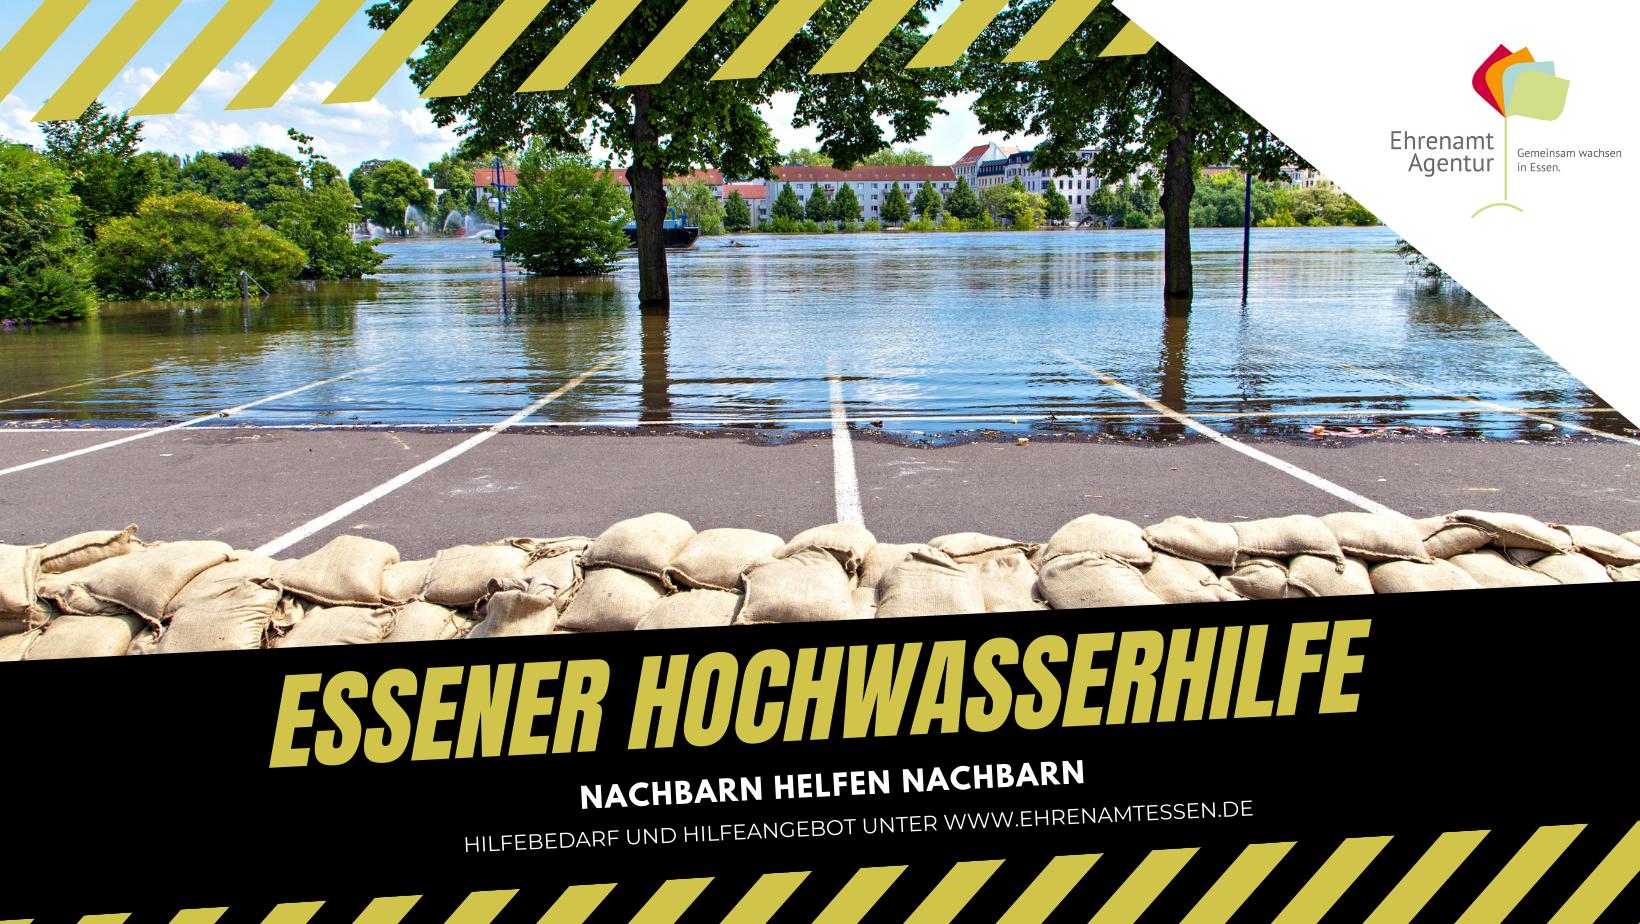 Hochwasserhilfe - Ehrenamt Agentur Essen e.V.